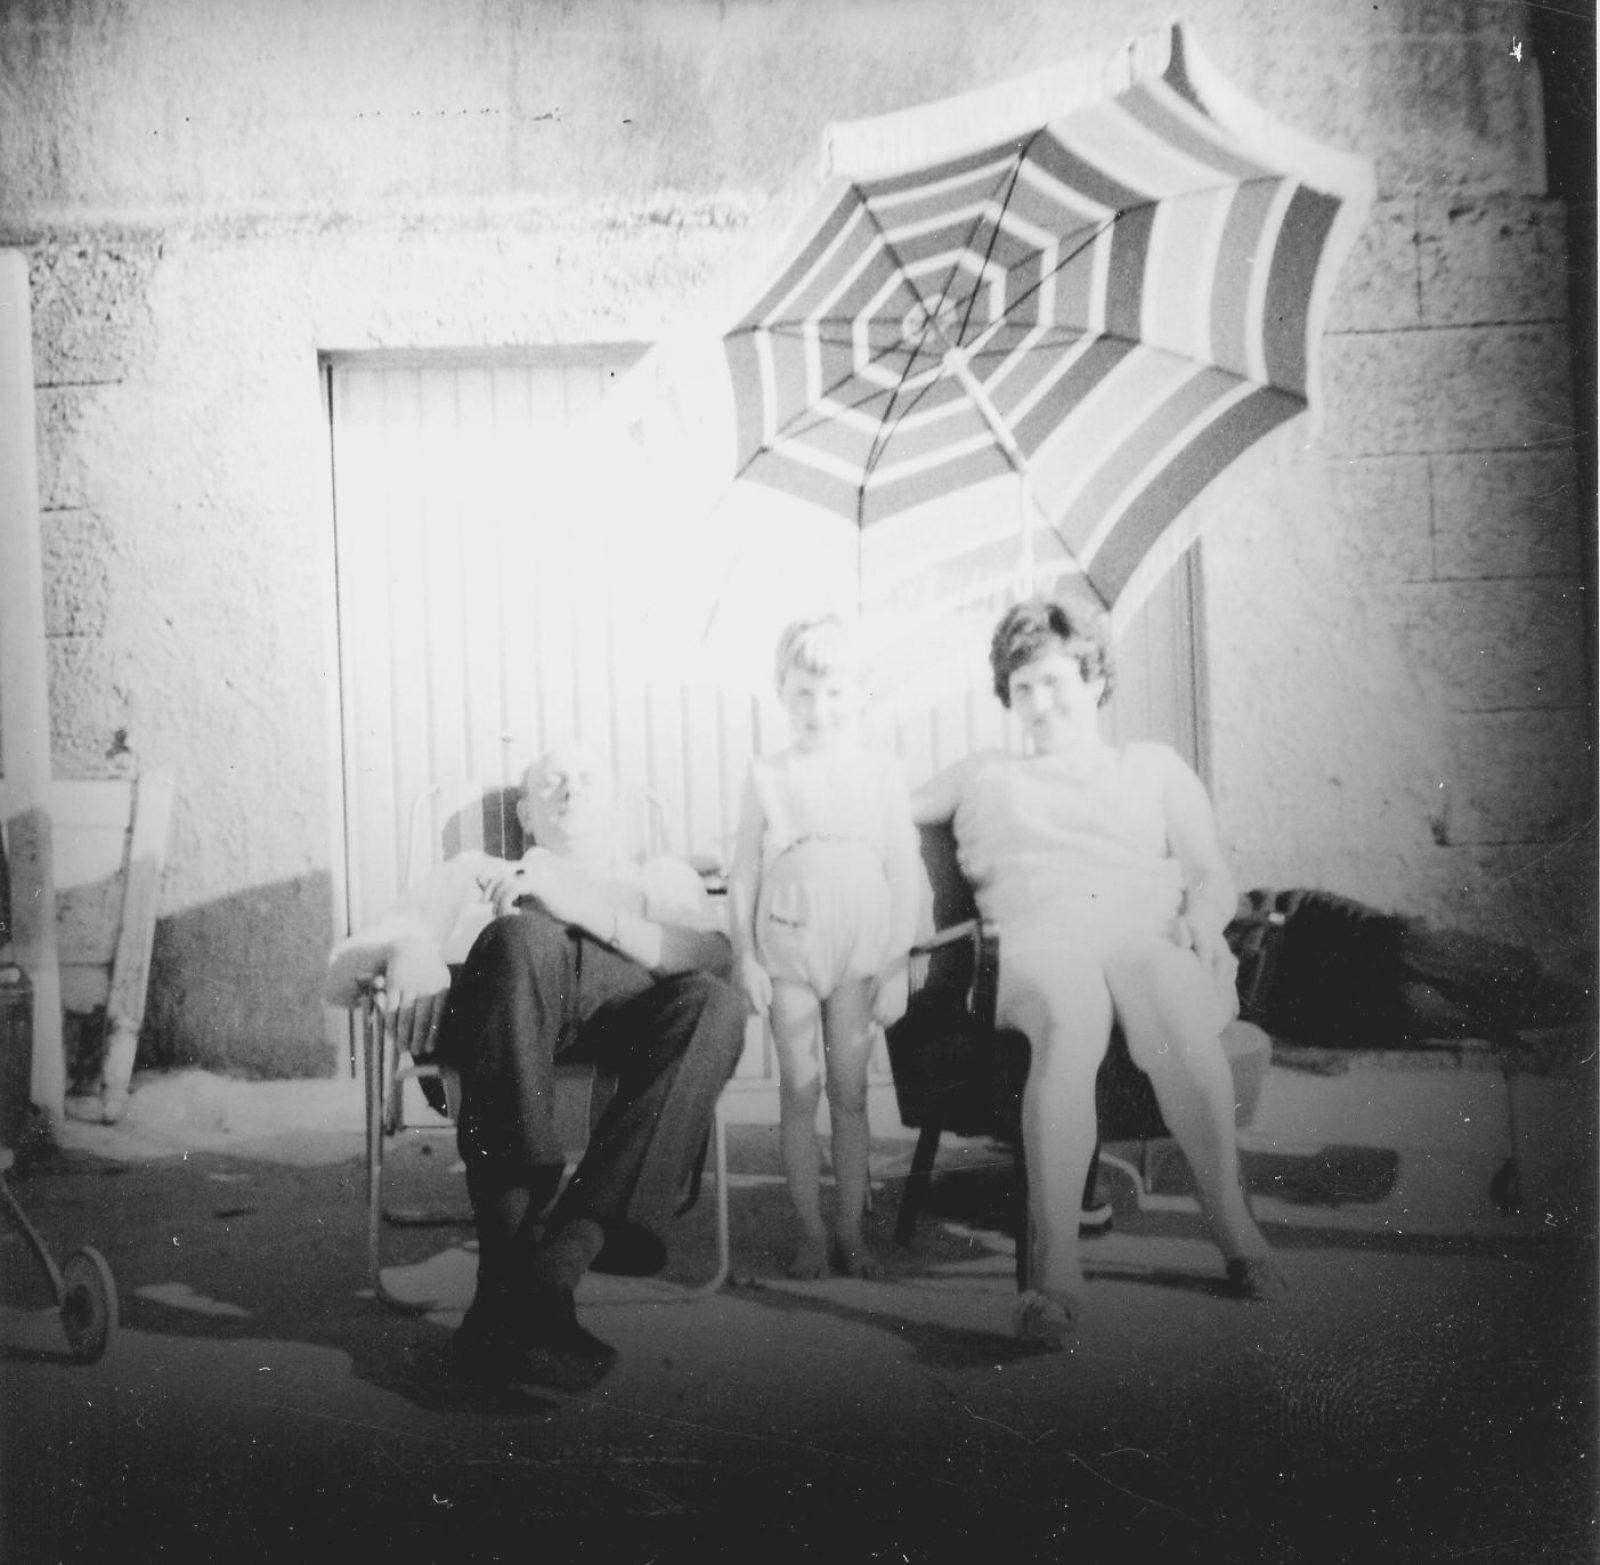 WH 1967 Familie hinterm Haus